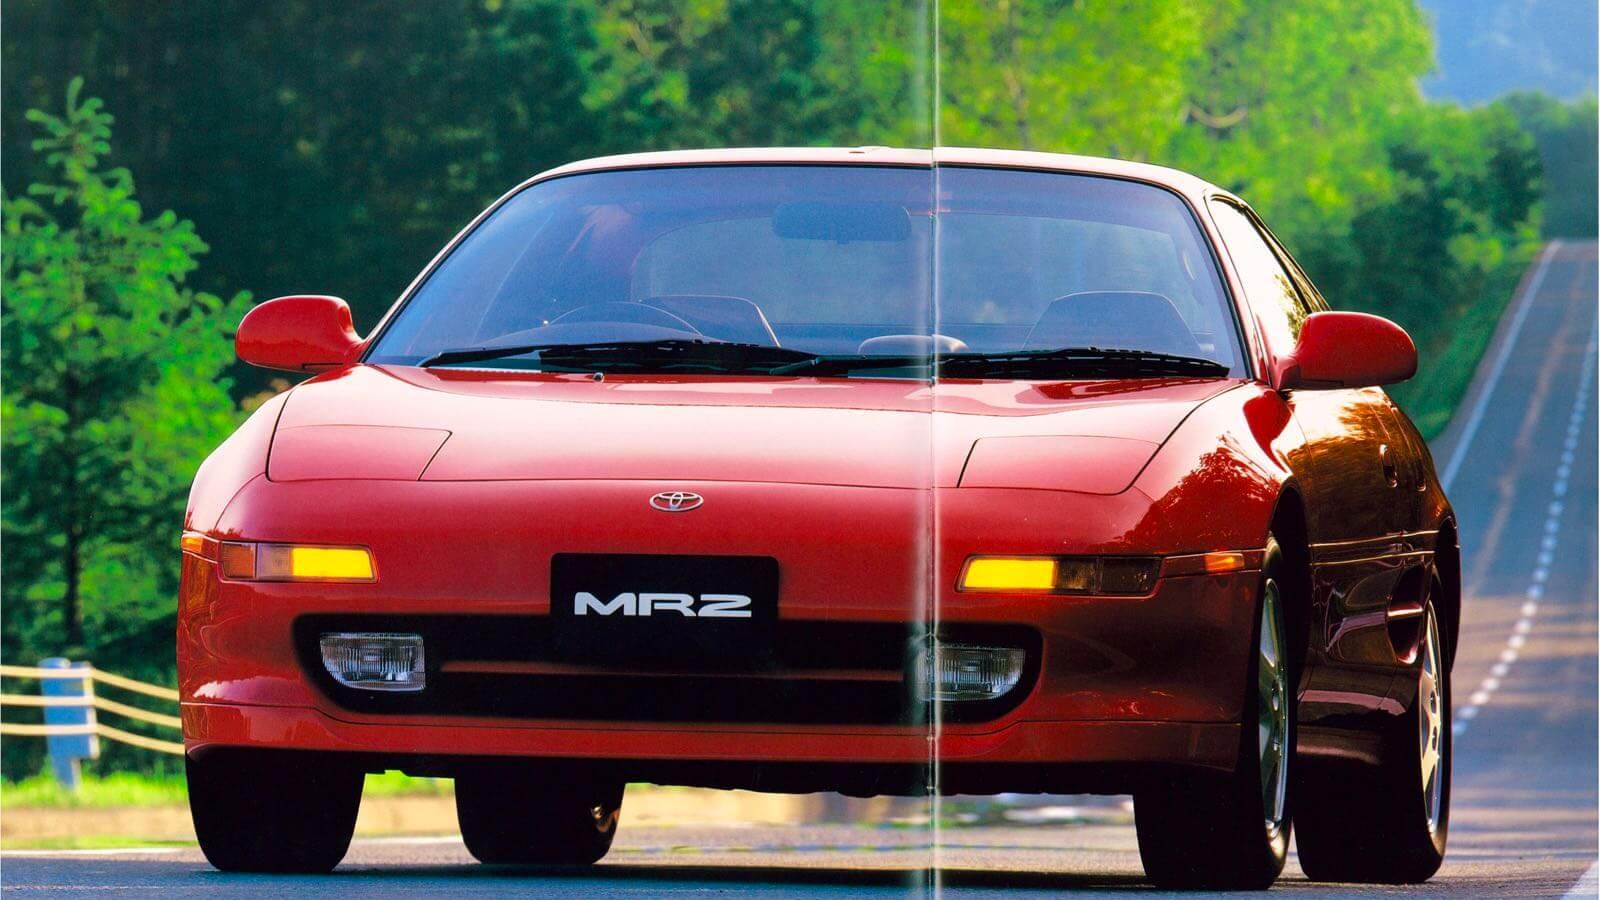 0124 MR2 Revival Plan  Part 2 03 Type 3